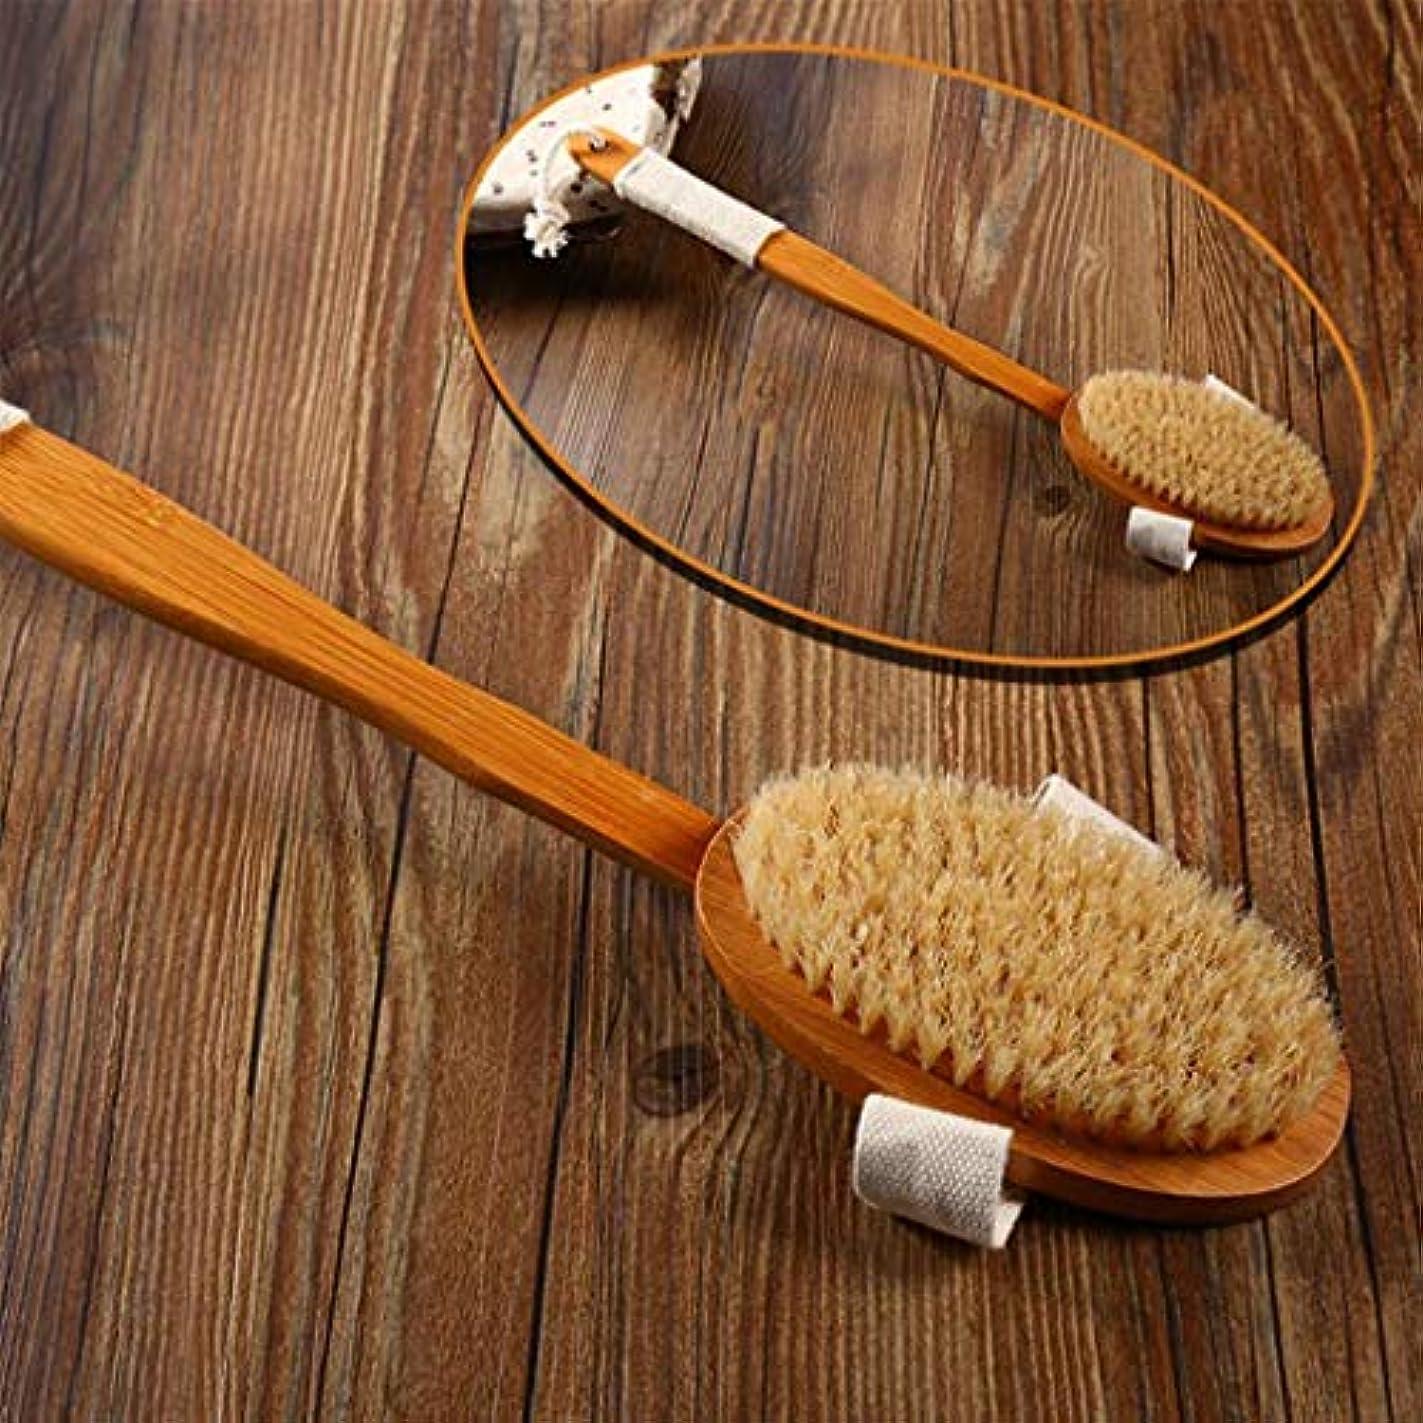 ボディブラシナチュラル剛毛バスブラシロングハンドル木製剛毛ソフトヘアラブバックシャワーブラシ角質マッサージブラシを取り外します